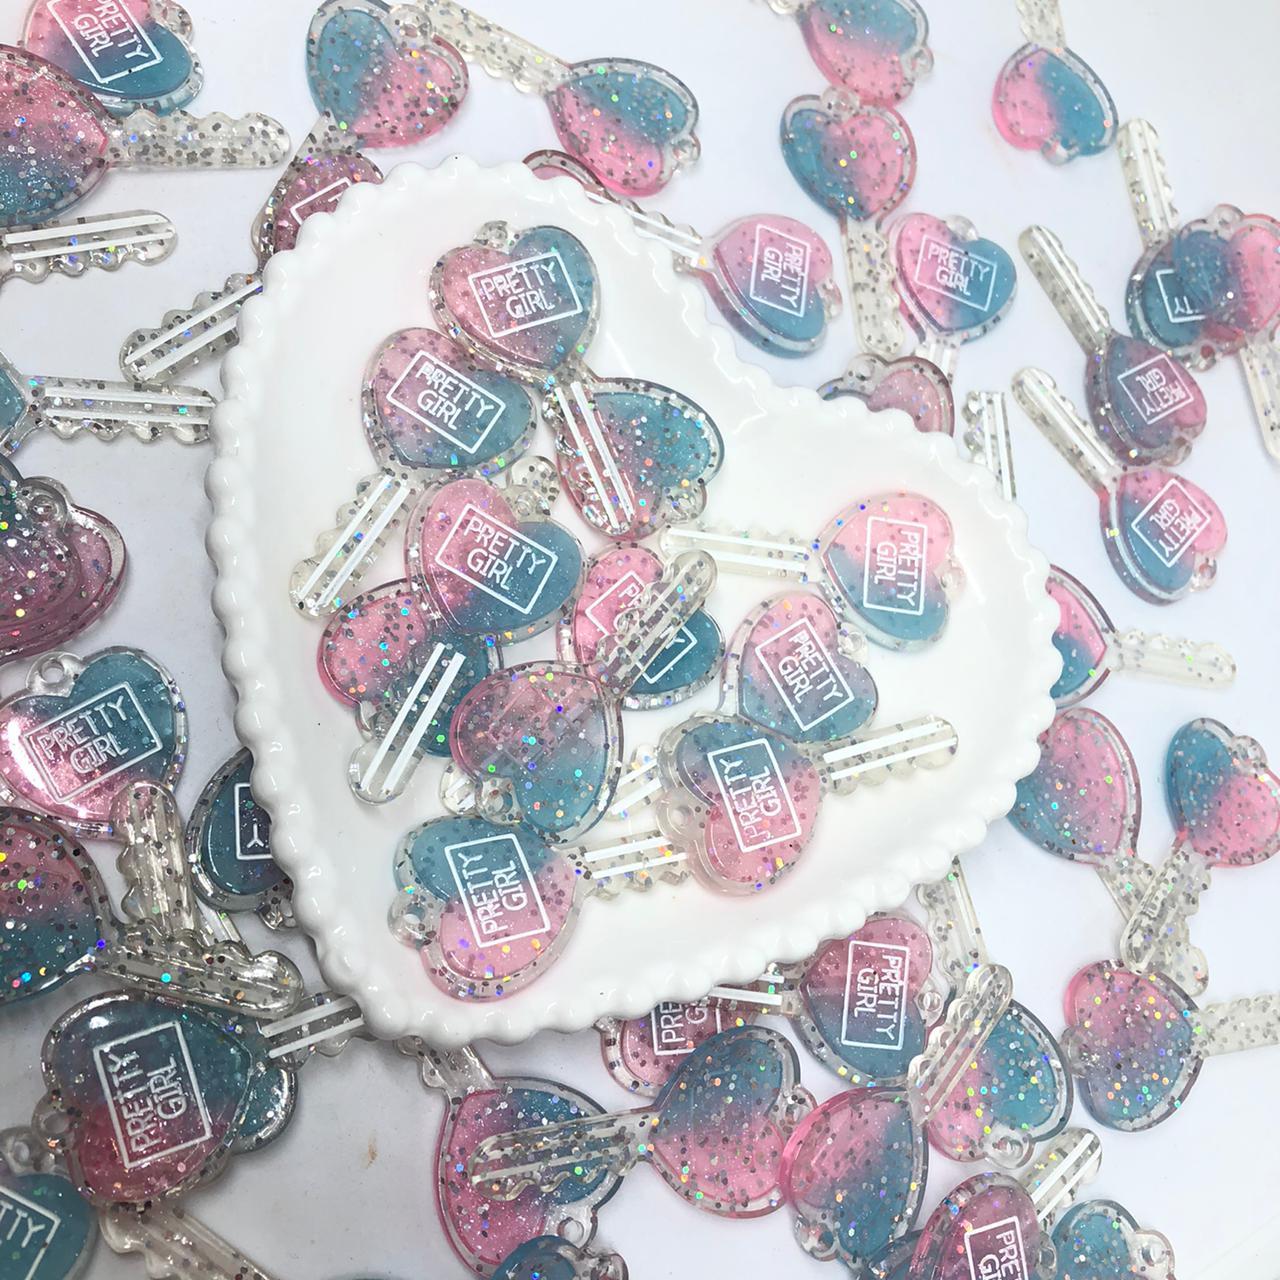 Pingente chave de corção - Azul e rosa com glitter  - Palácio Dos Cristais